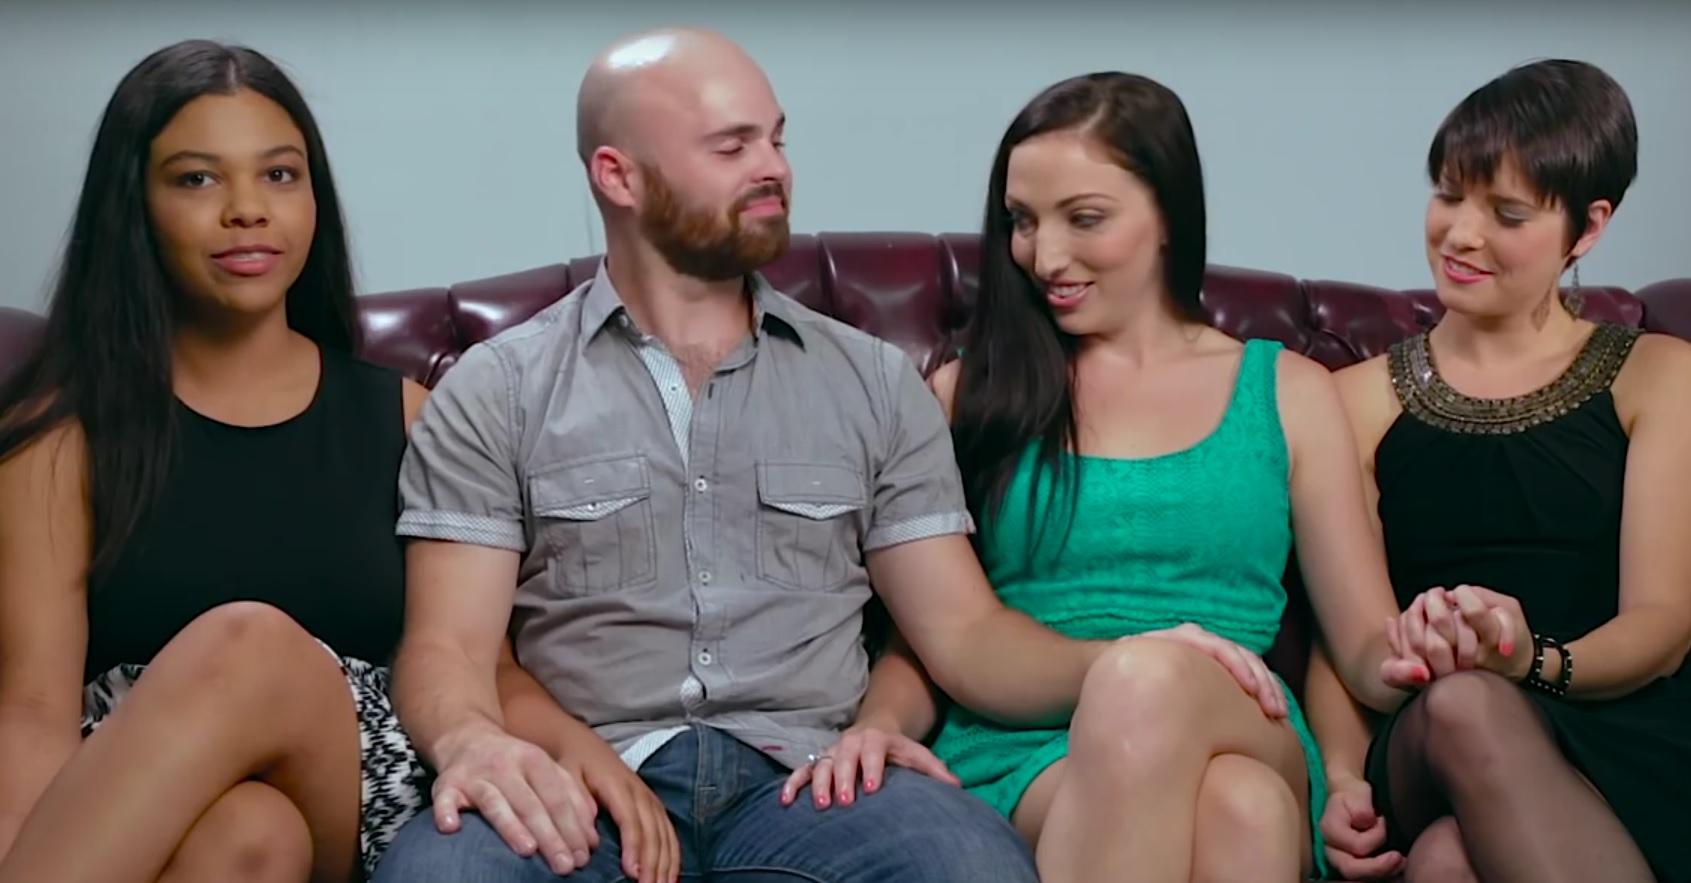 VIDEO: NEOBIČNI MEĐU NAMA - Kako se živi kad tri žene dijele jednog muškarca?